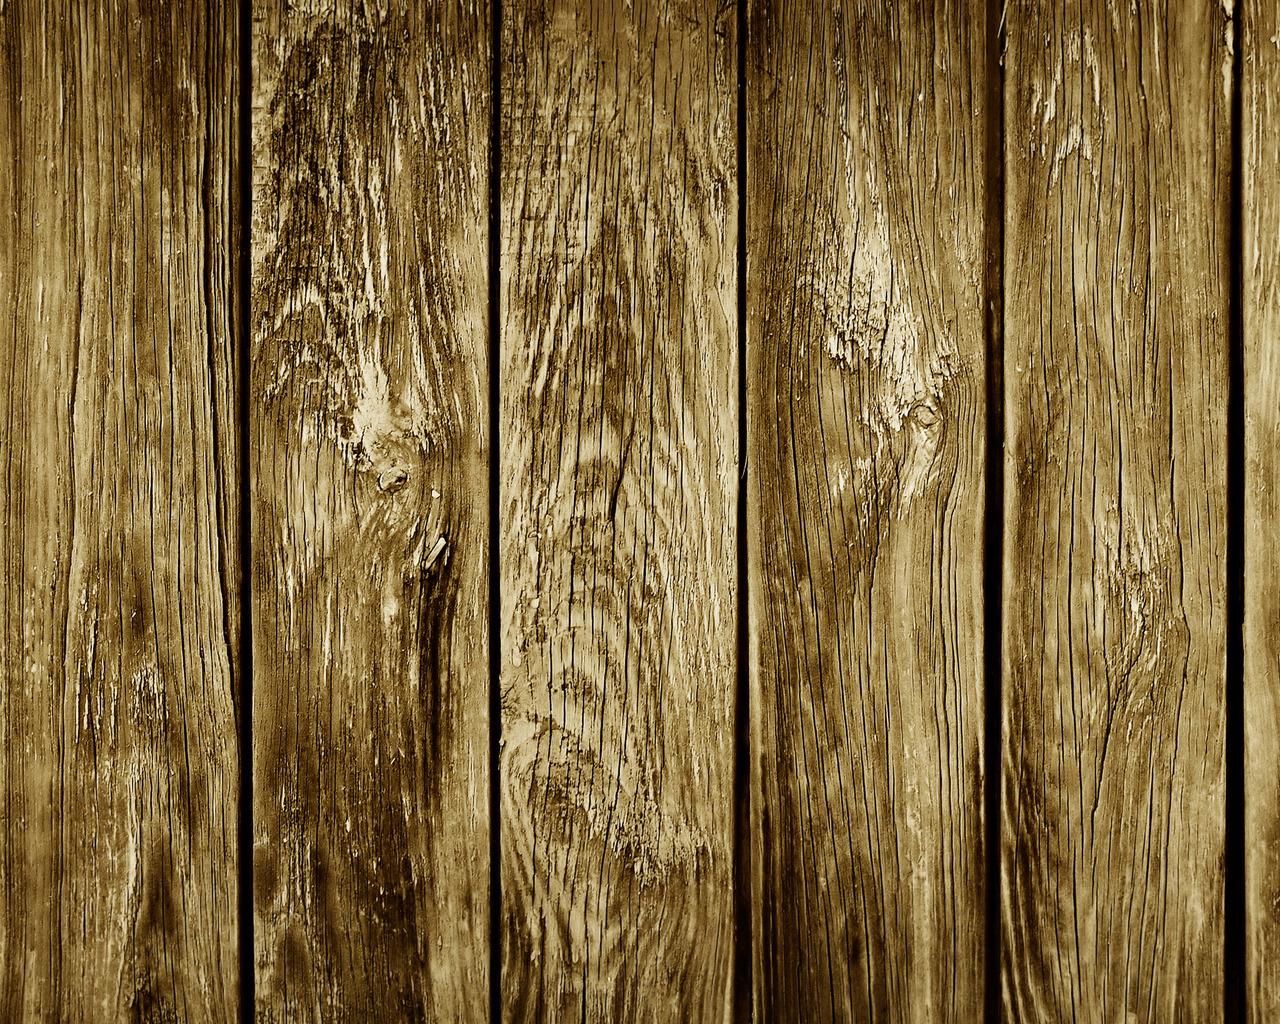 Wood textures desktop wallpapers 1280x1024